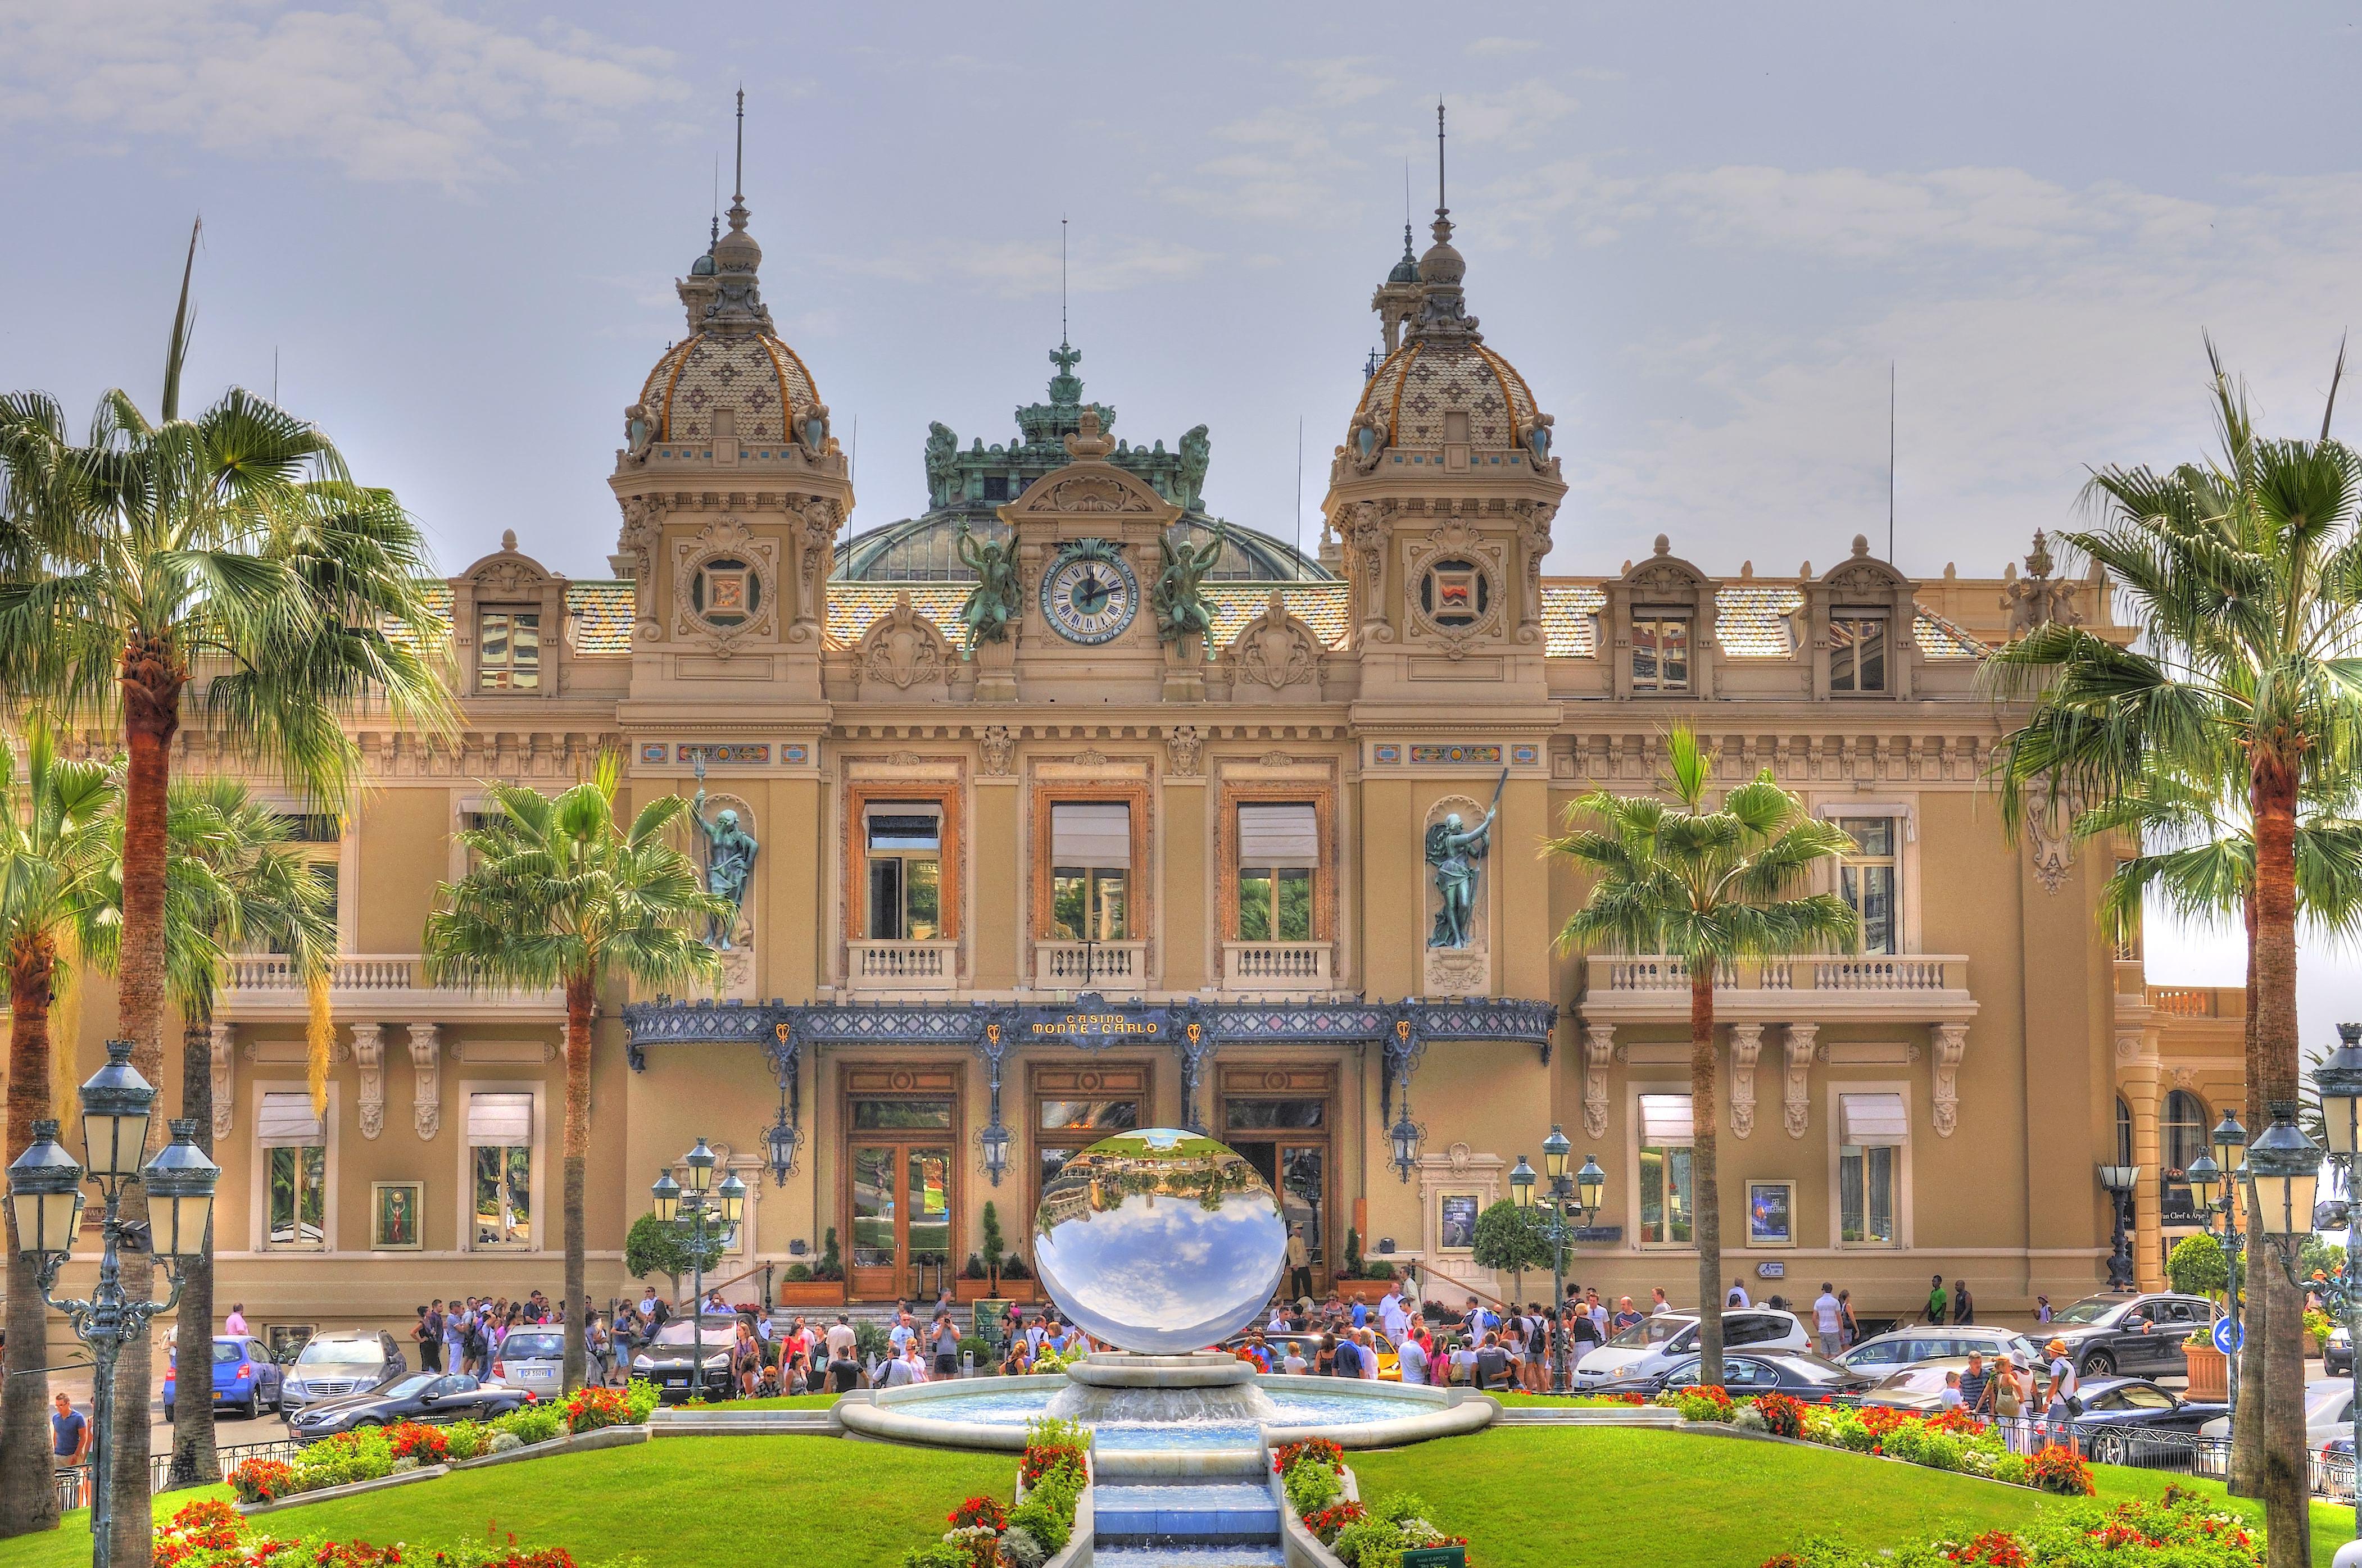 offline casino frankreich Monte carlo